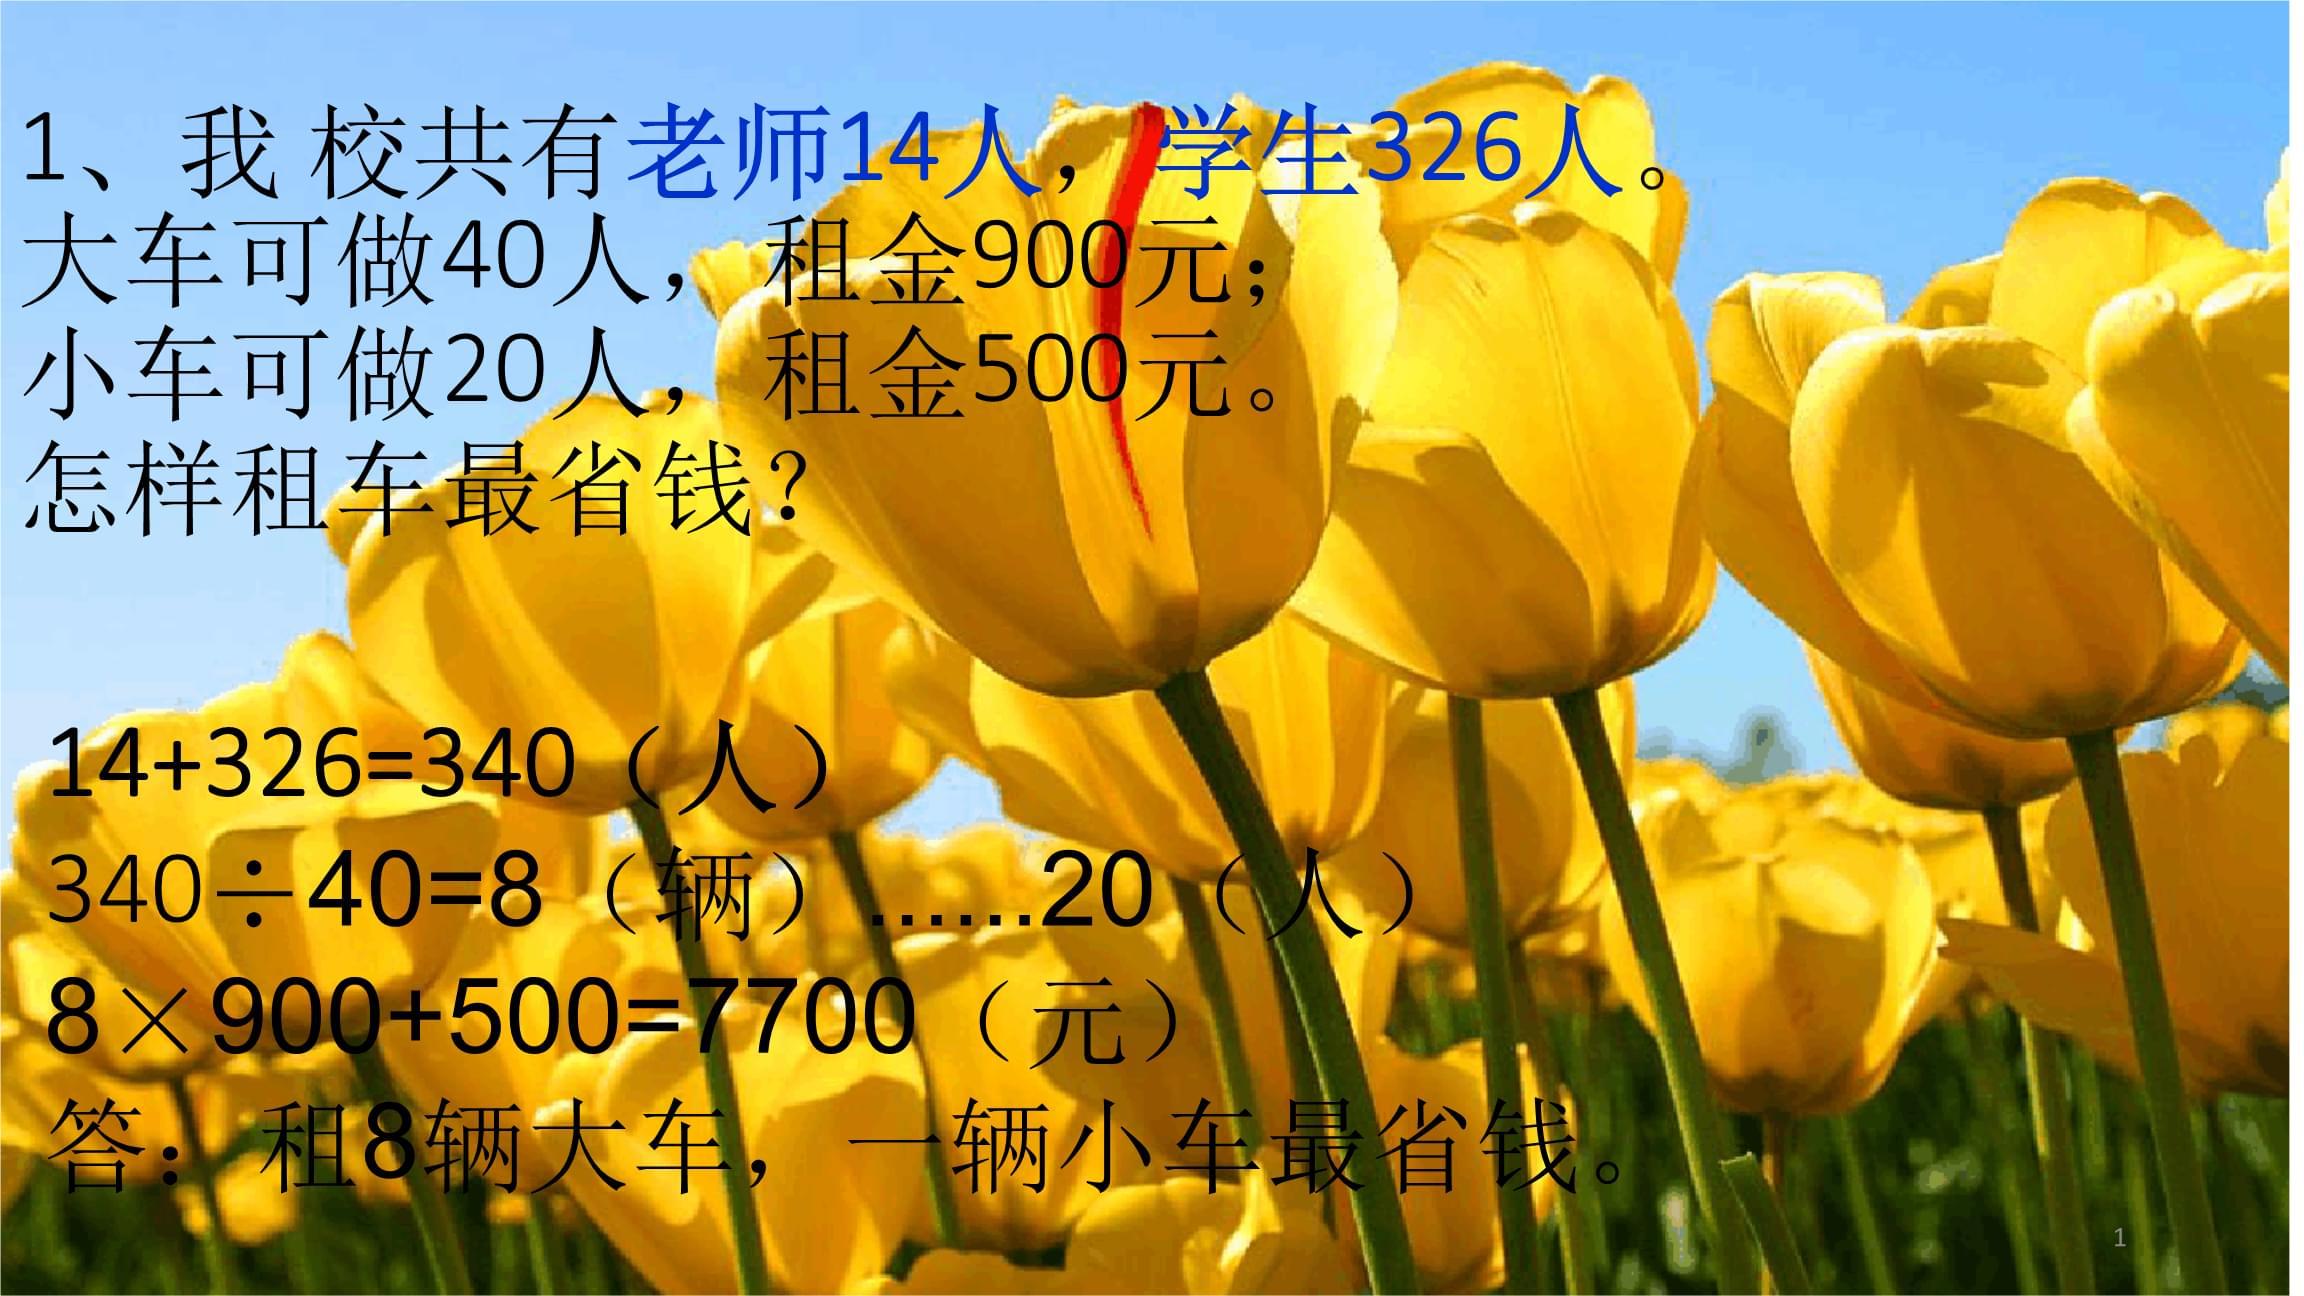 租船问题练习题幻灯片课件.ppt